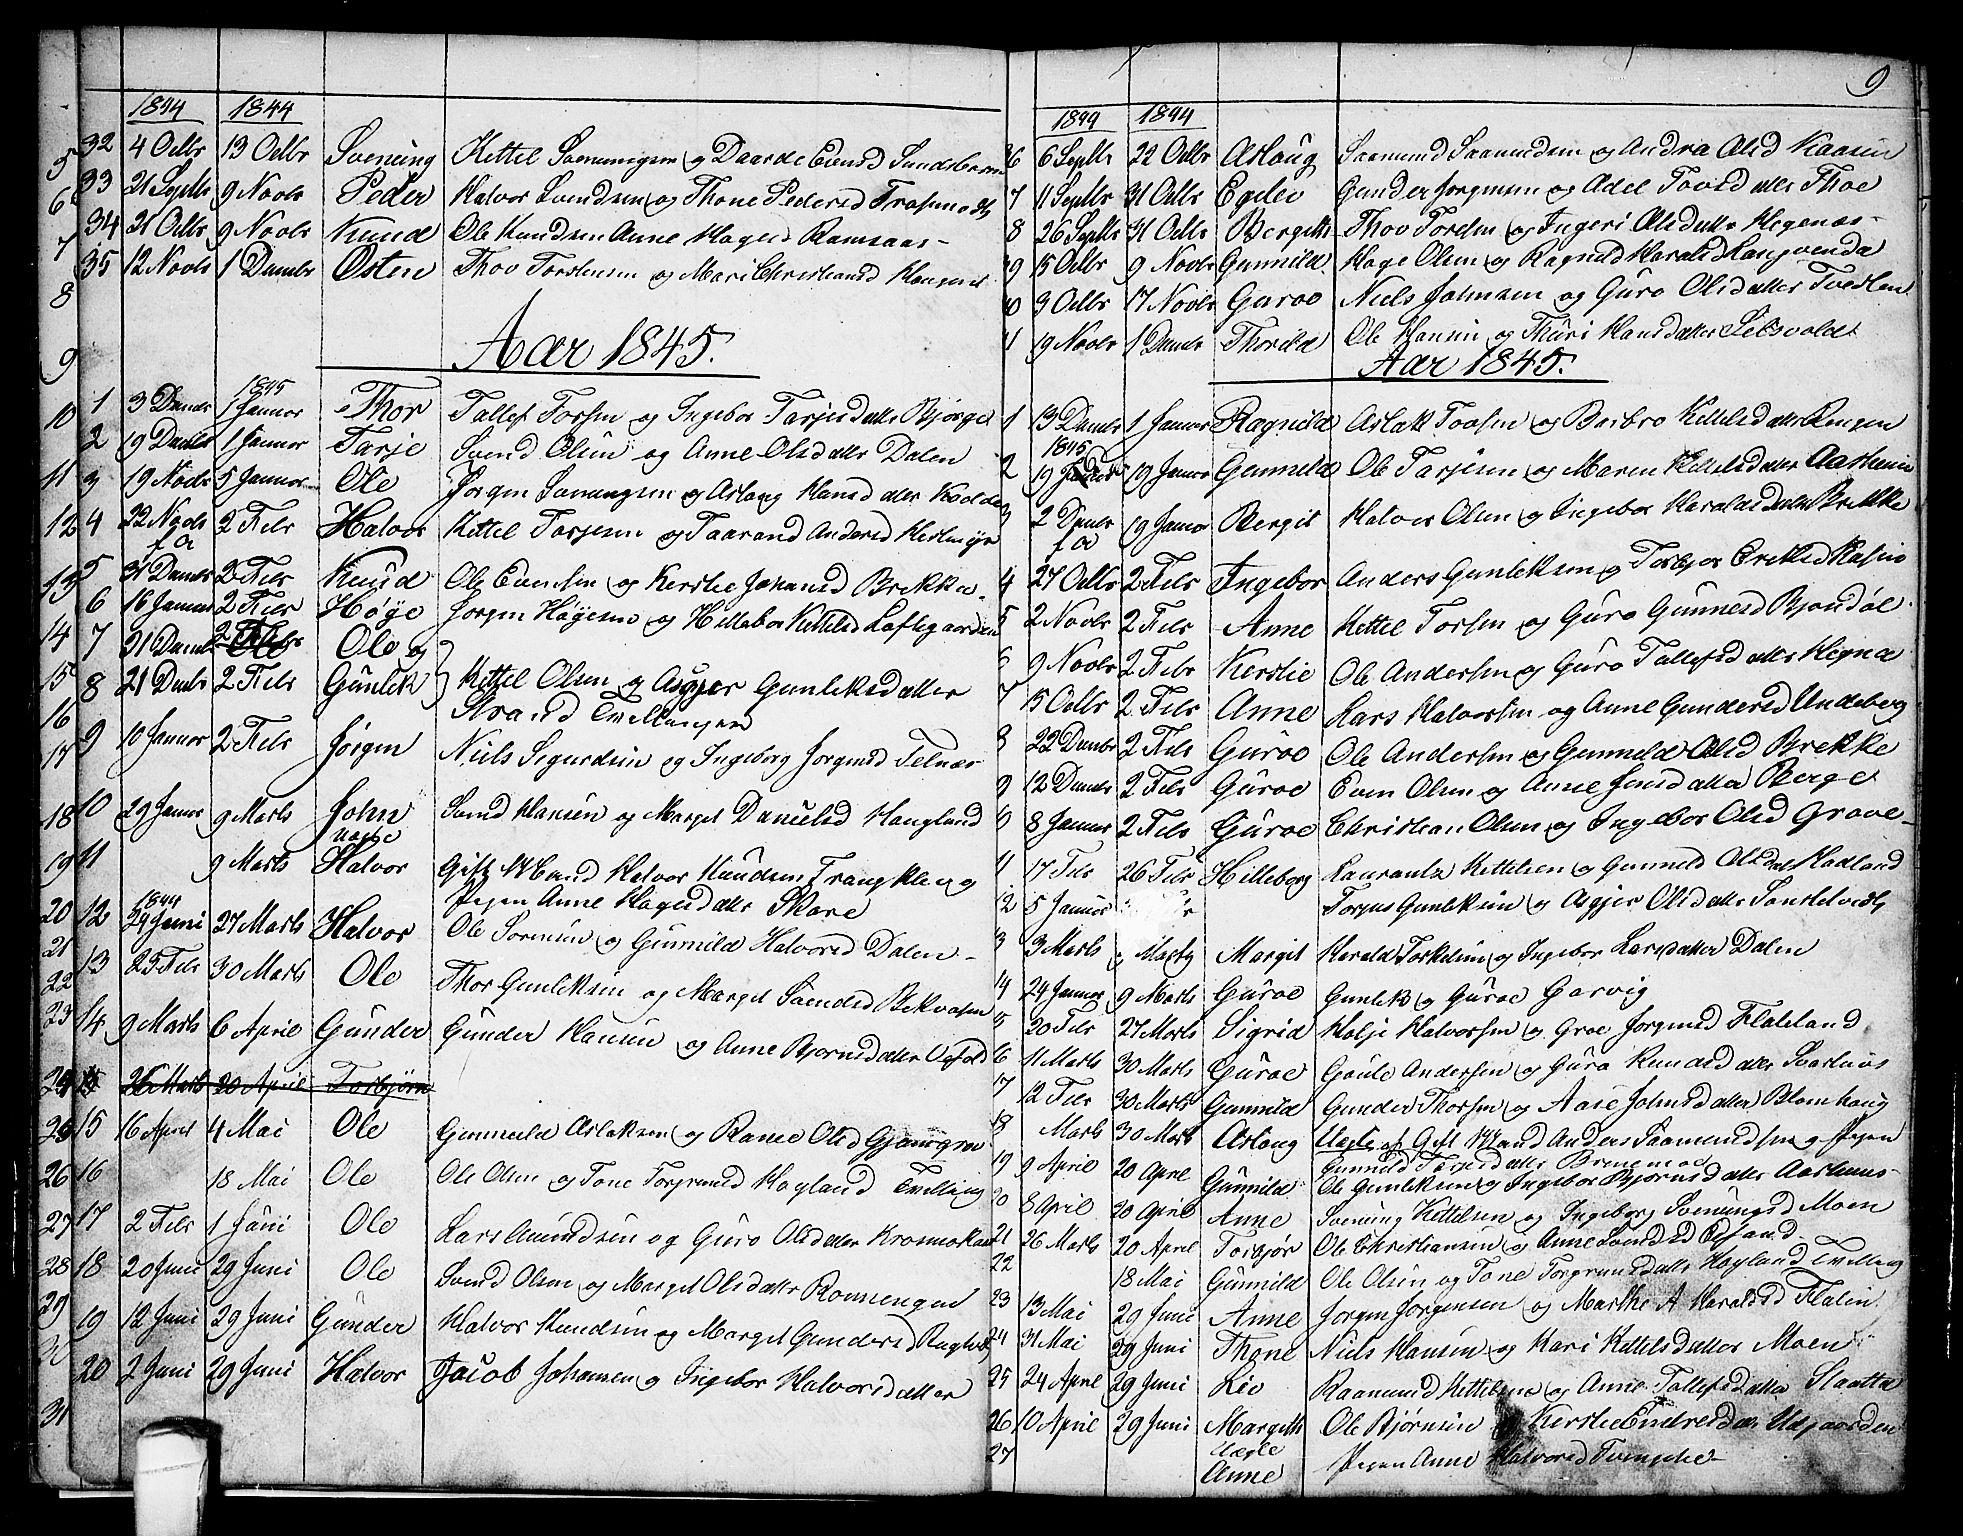 SAKO, Seljord kirkebøker, G/Ga/L0002: Klokkerbok nr. I 2, 1838-1866, s. 9